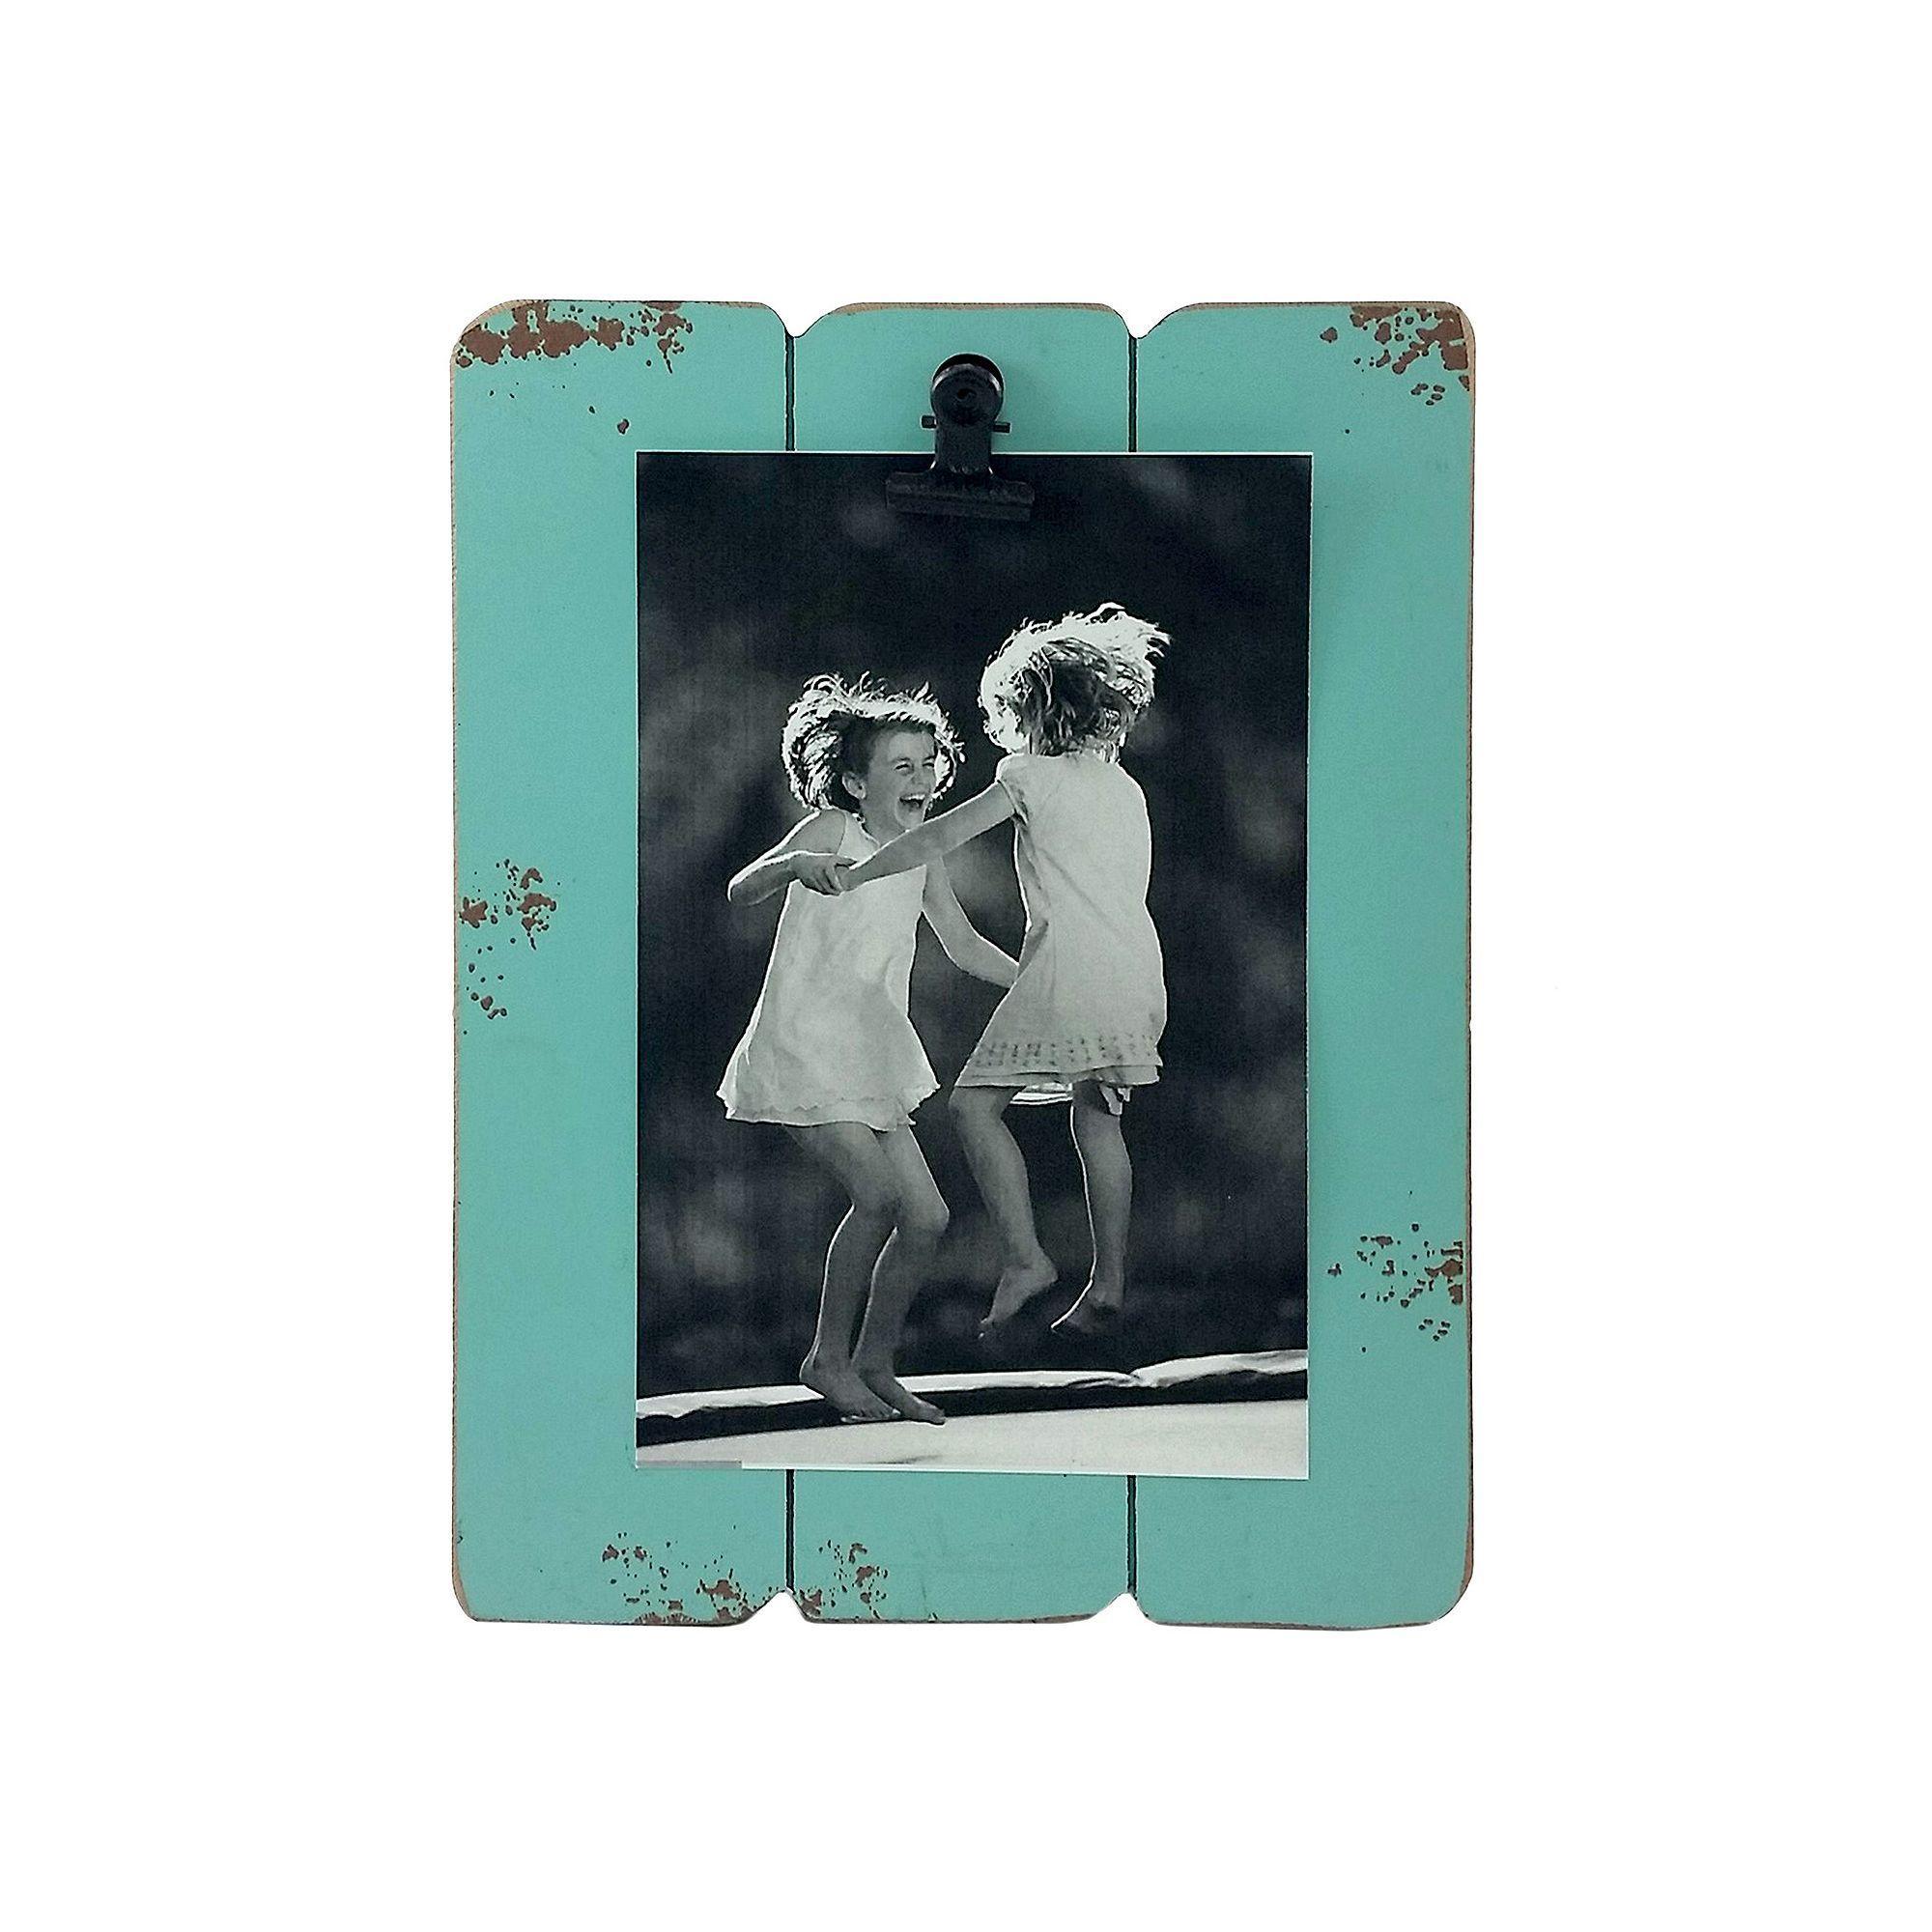 Fetco Home Decor Slats 4\'\' x 6\'\' Photo Clip Frame, Light Grey ...